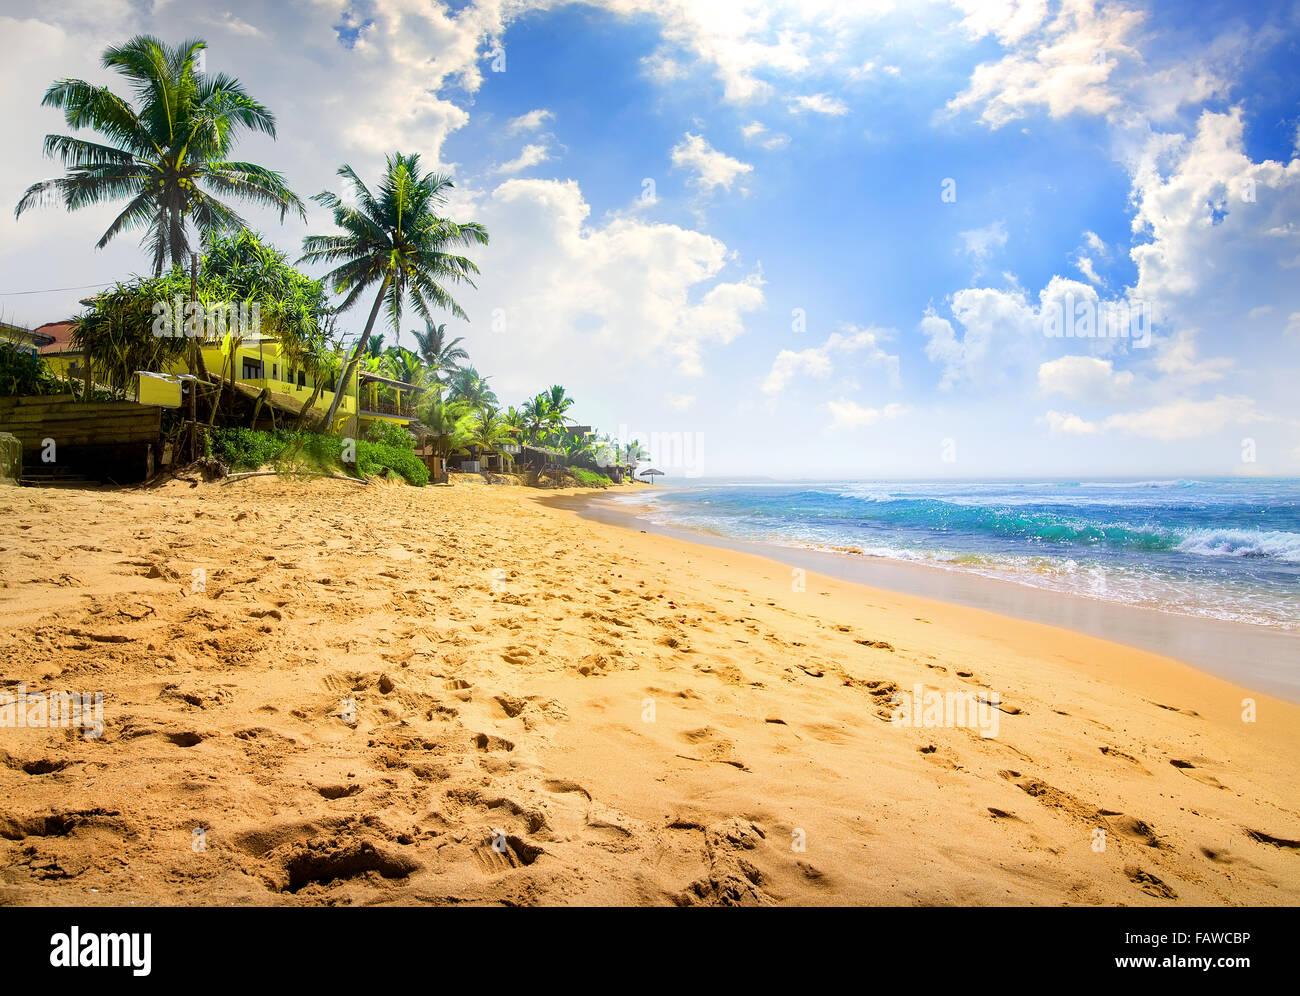 La lumière du soleil sur la magnifique plage tropicale près de ocean Photo Stock